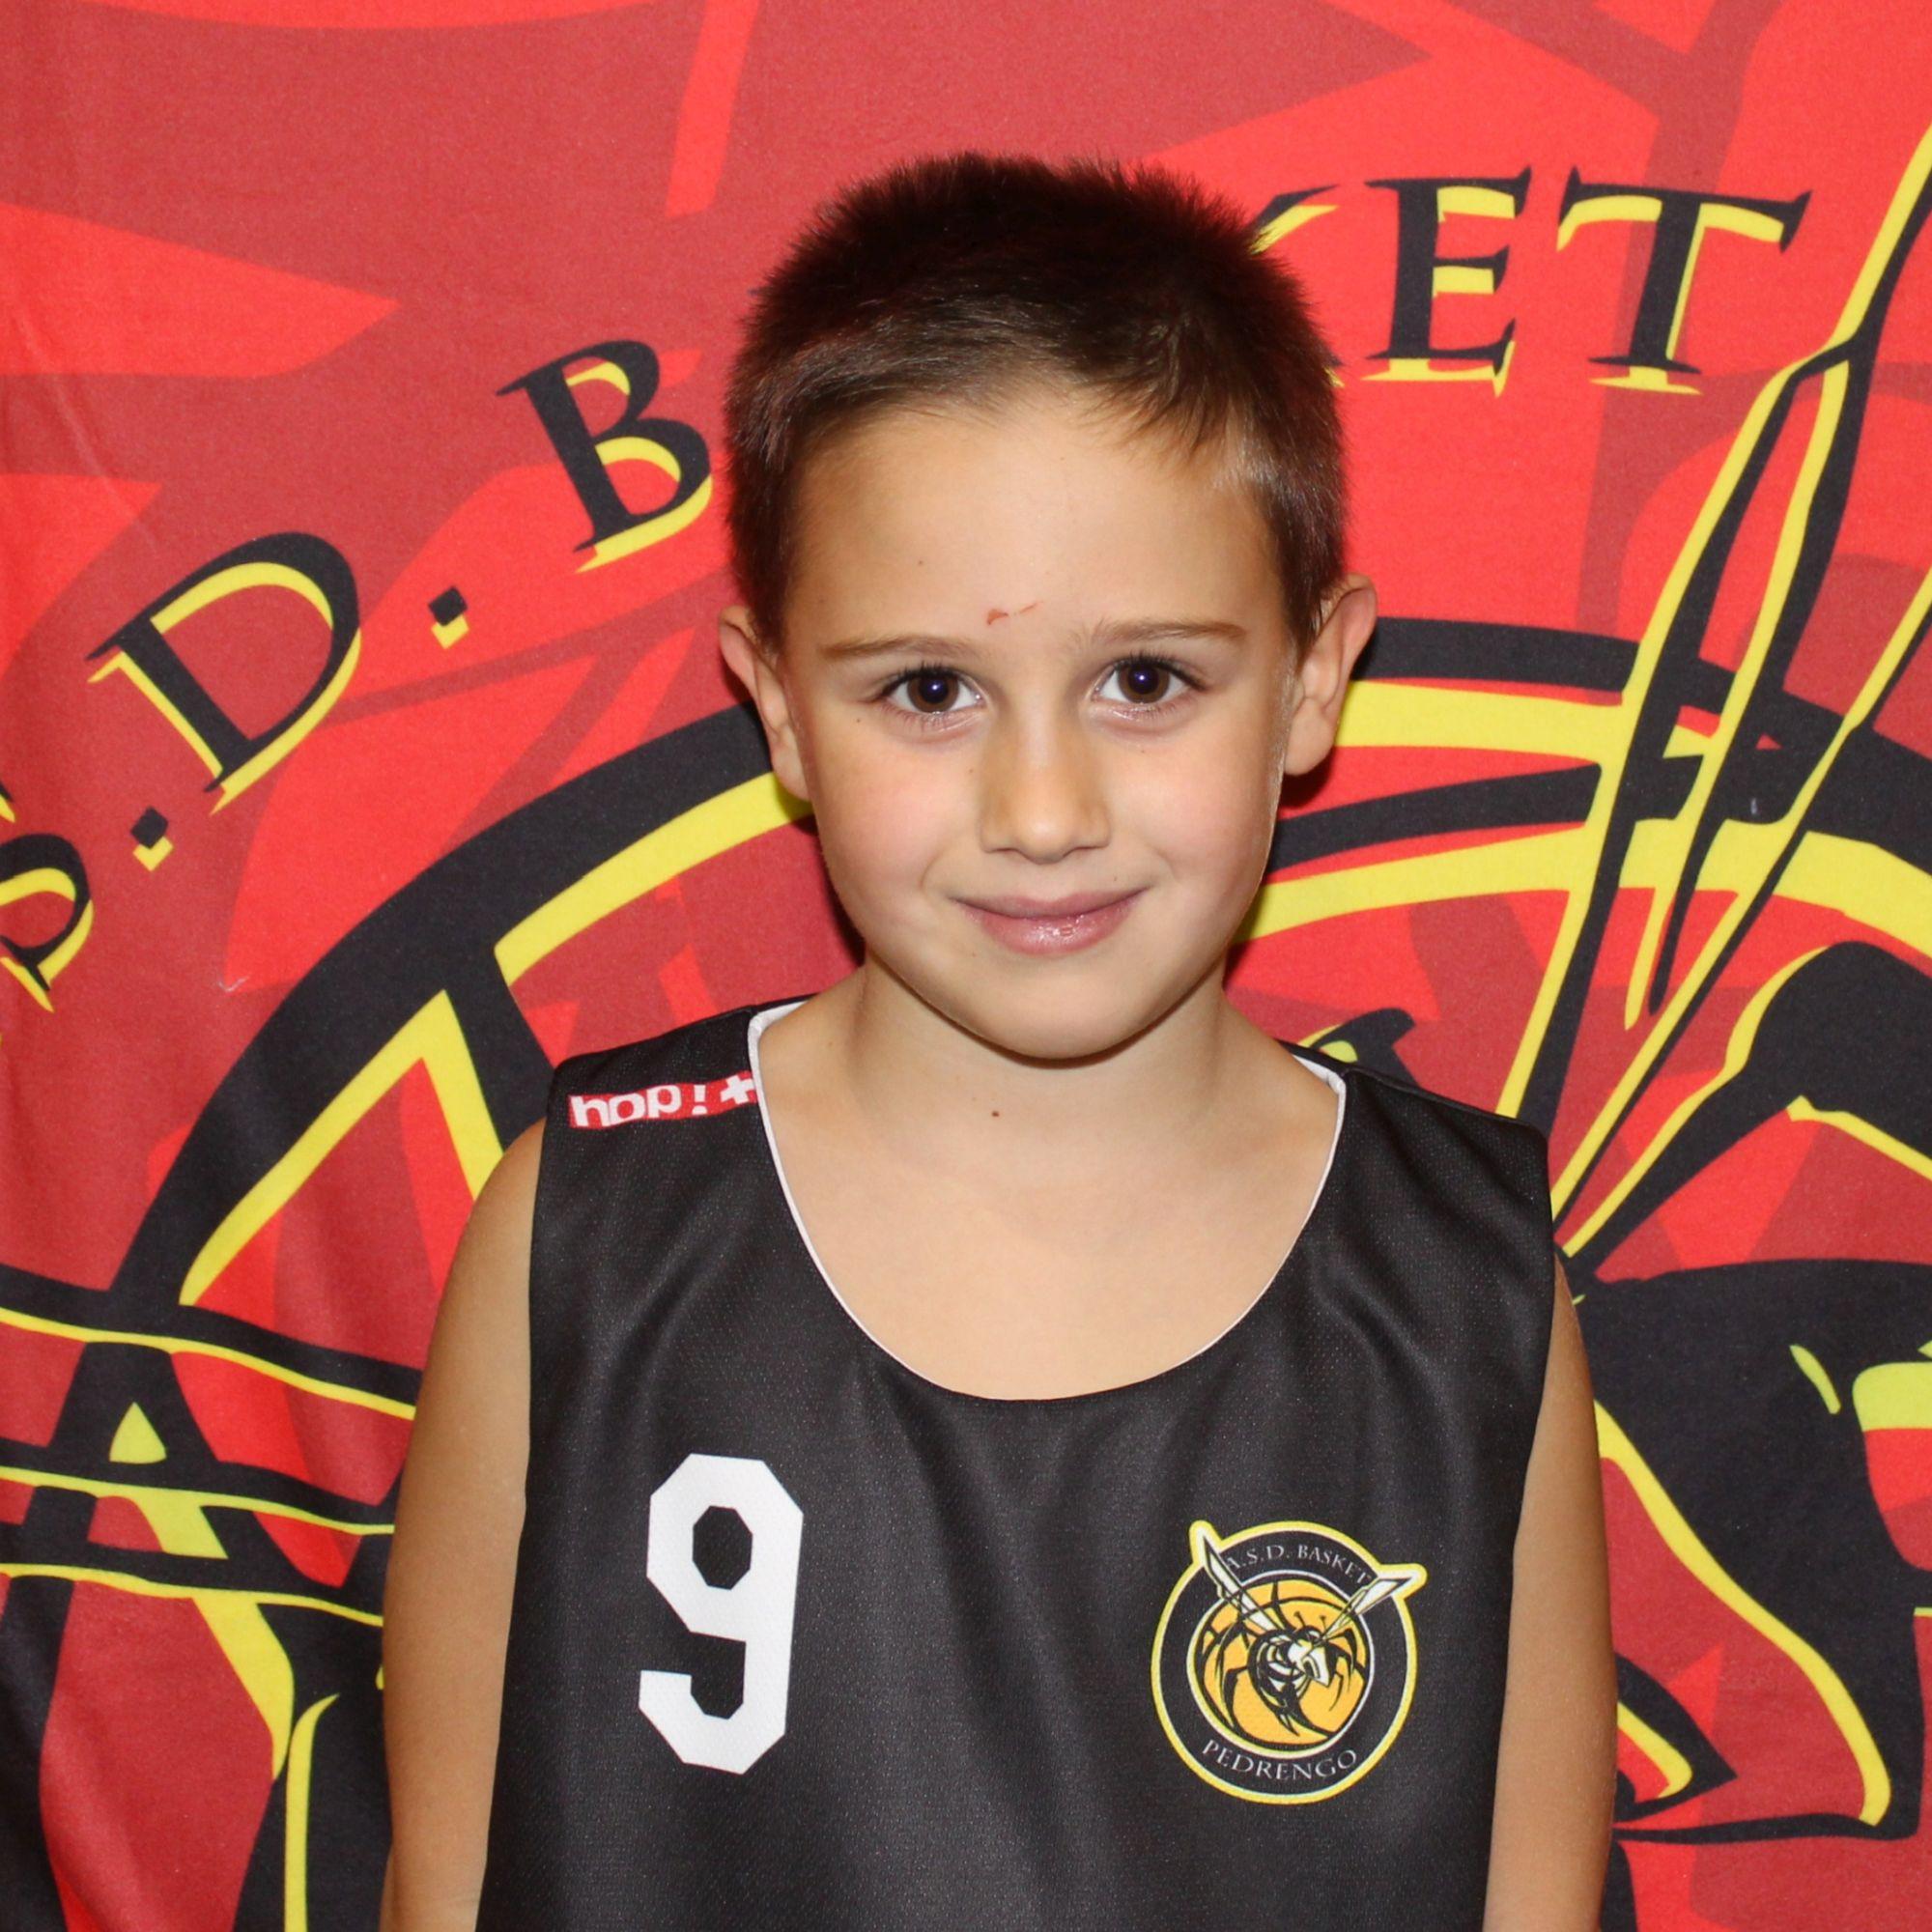 Bertola-Gabriele-2010